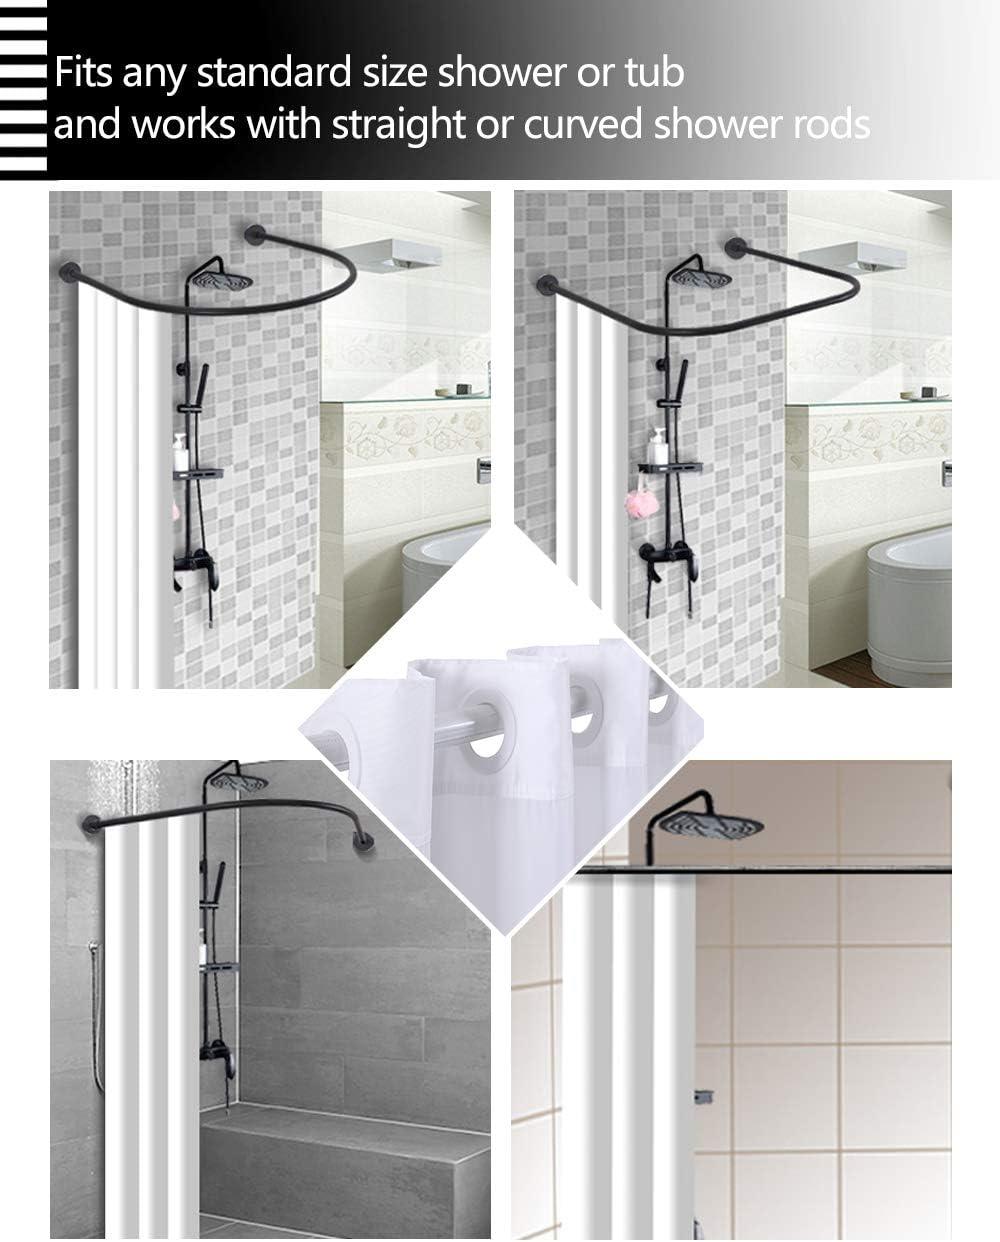 Conbo Mio Cortina de Ducha Ganchos, con Forro a presión para baño, Impermeable, a Prueba de óxido, con Anillos Flexibles con imán Premium: Amazon.es: Hogar